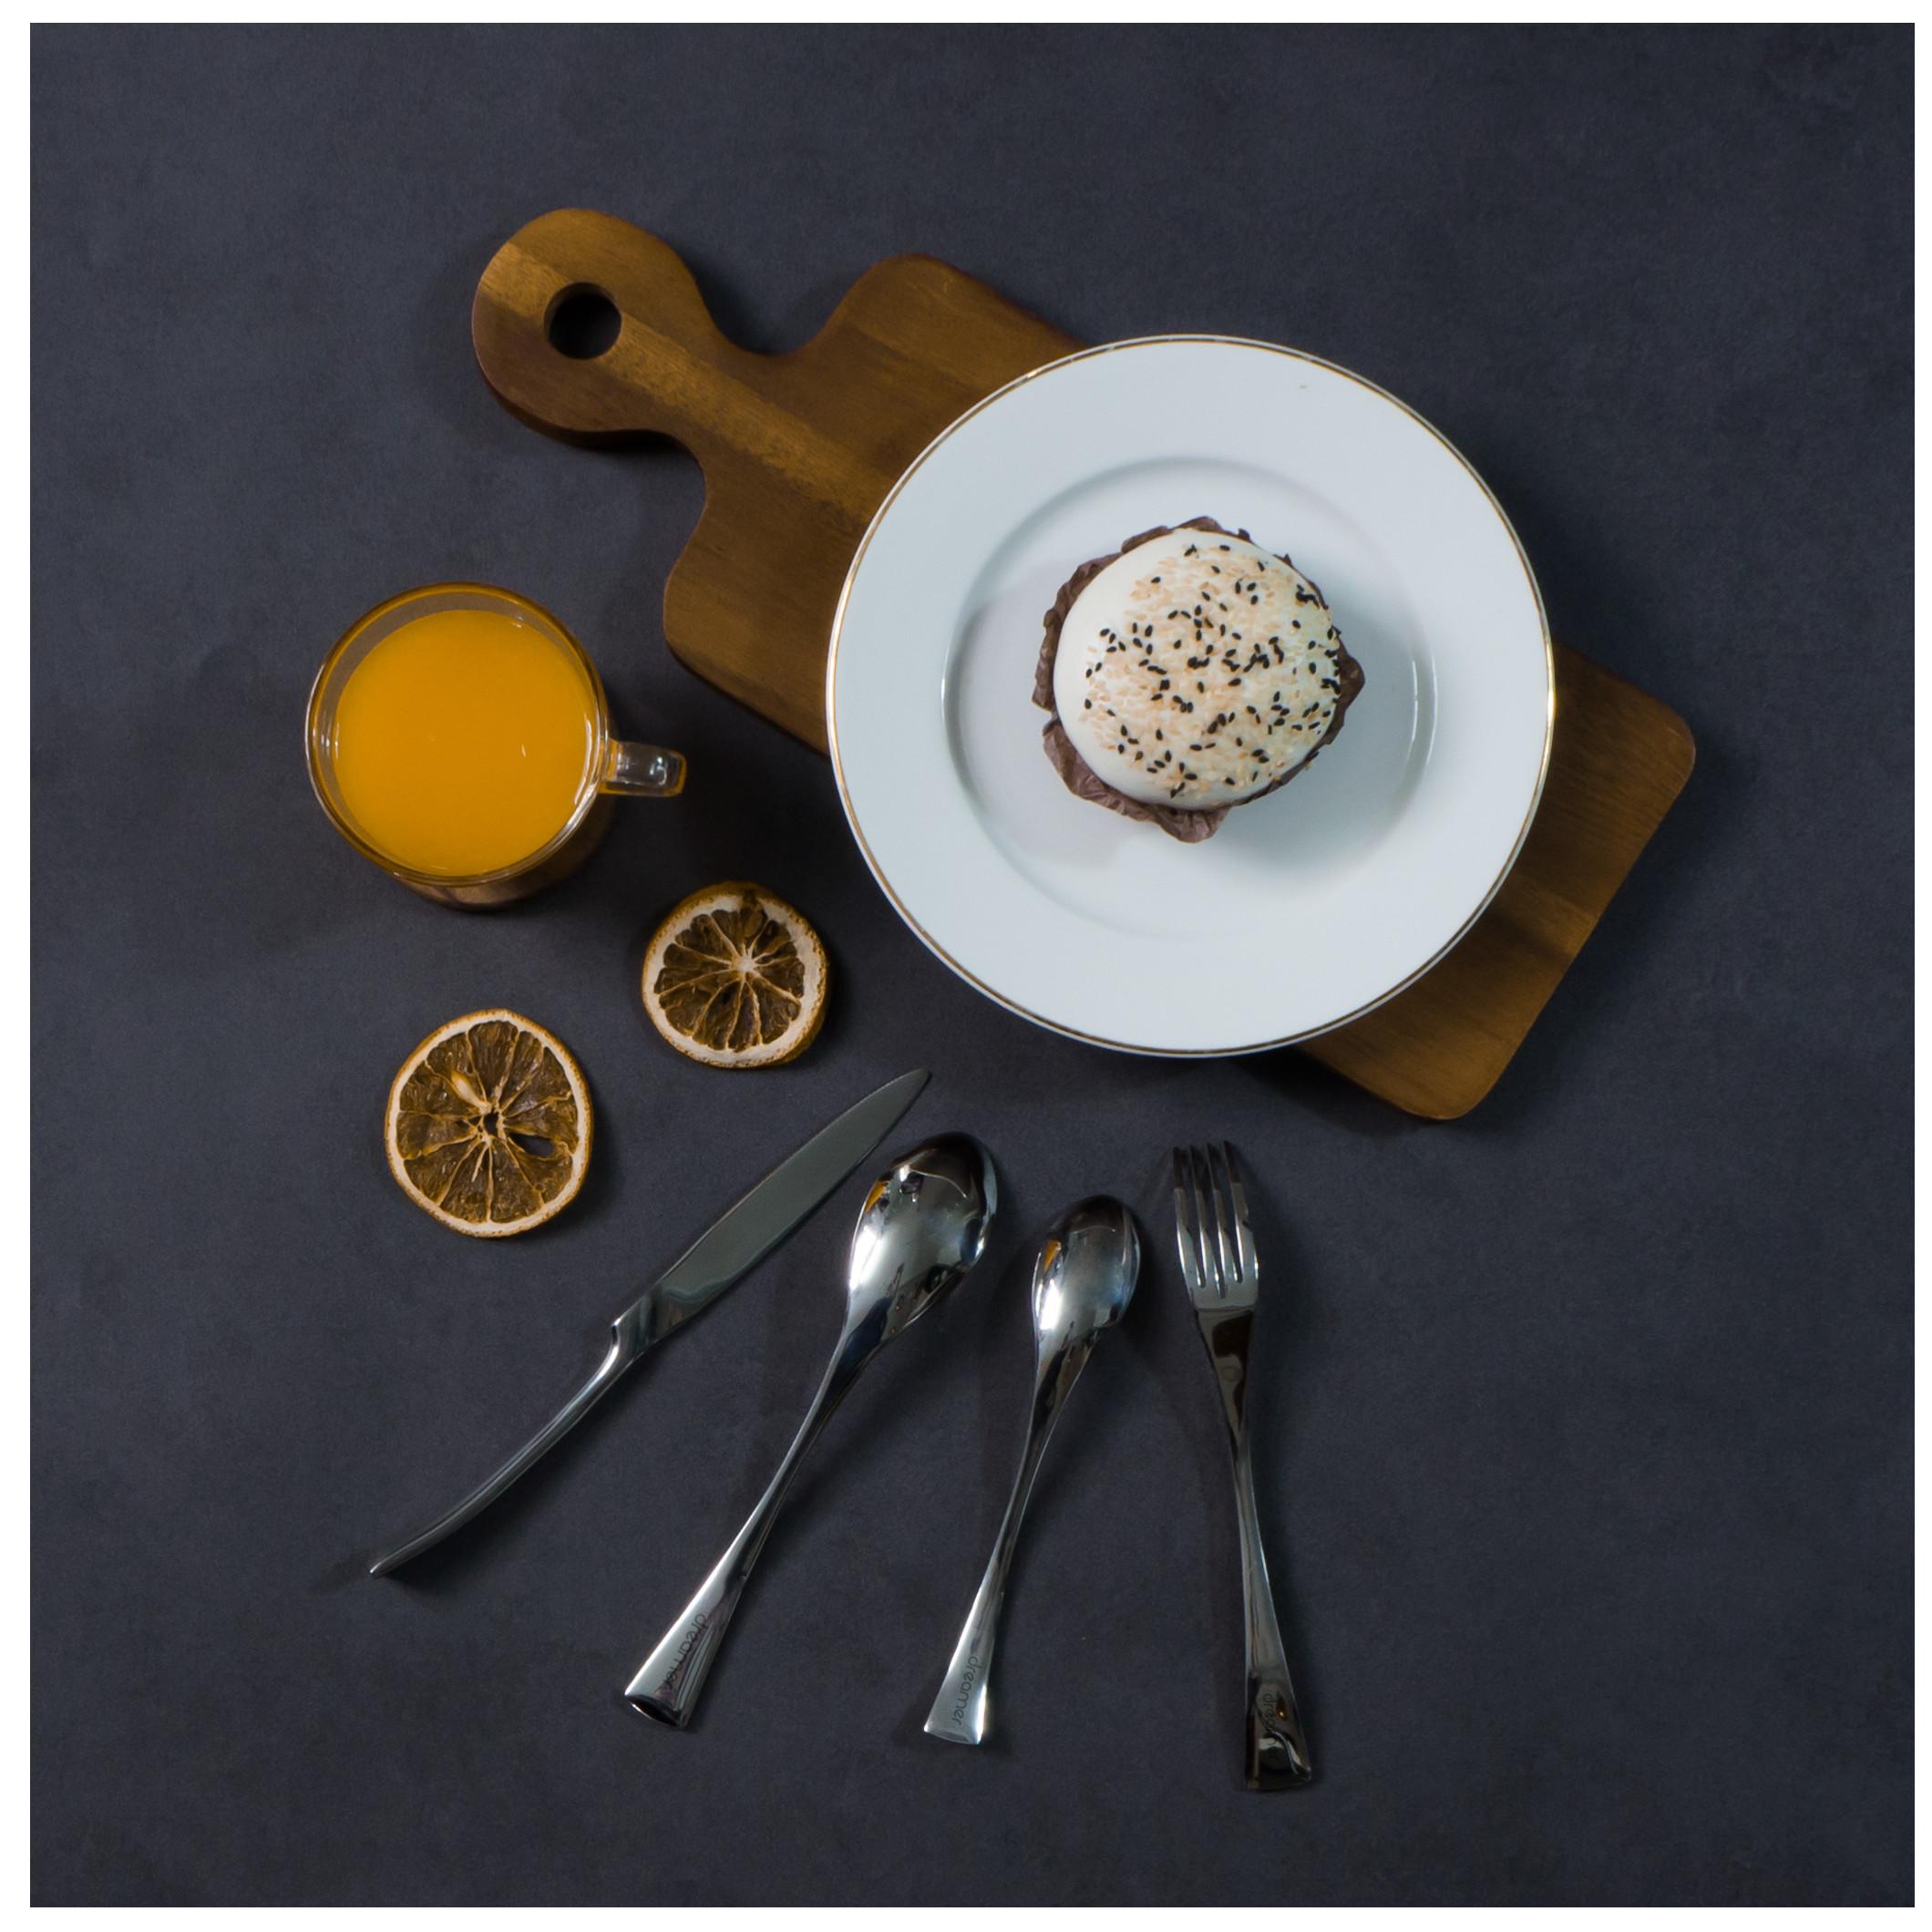 [Gift] Bộ dao muỗng nĩa INOX cao cấp 4 món DCS-02